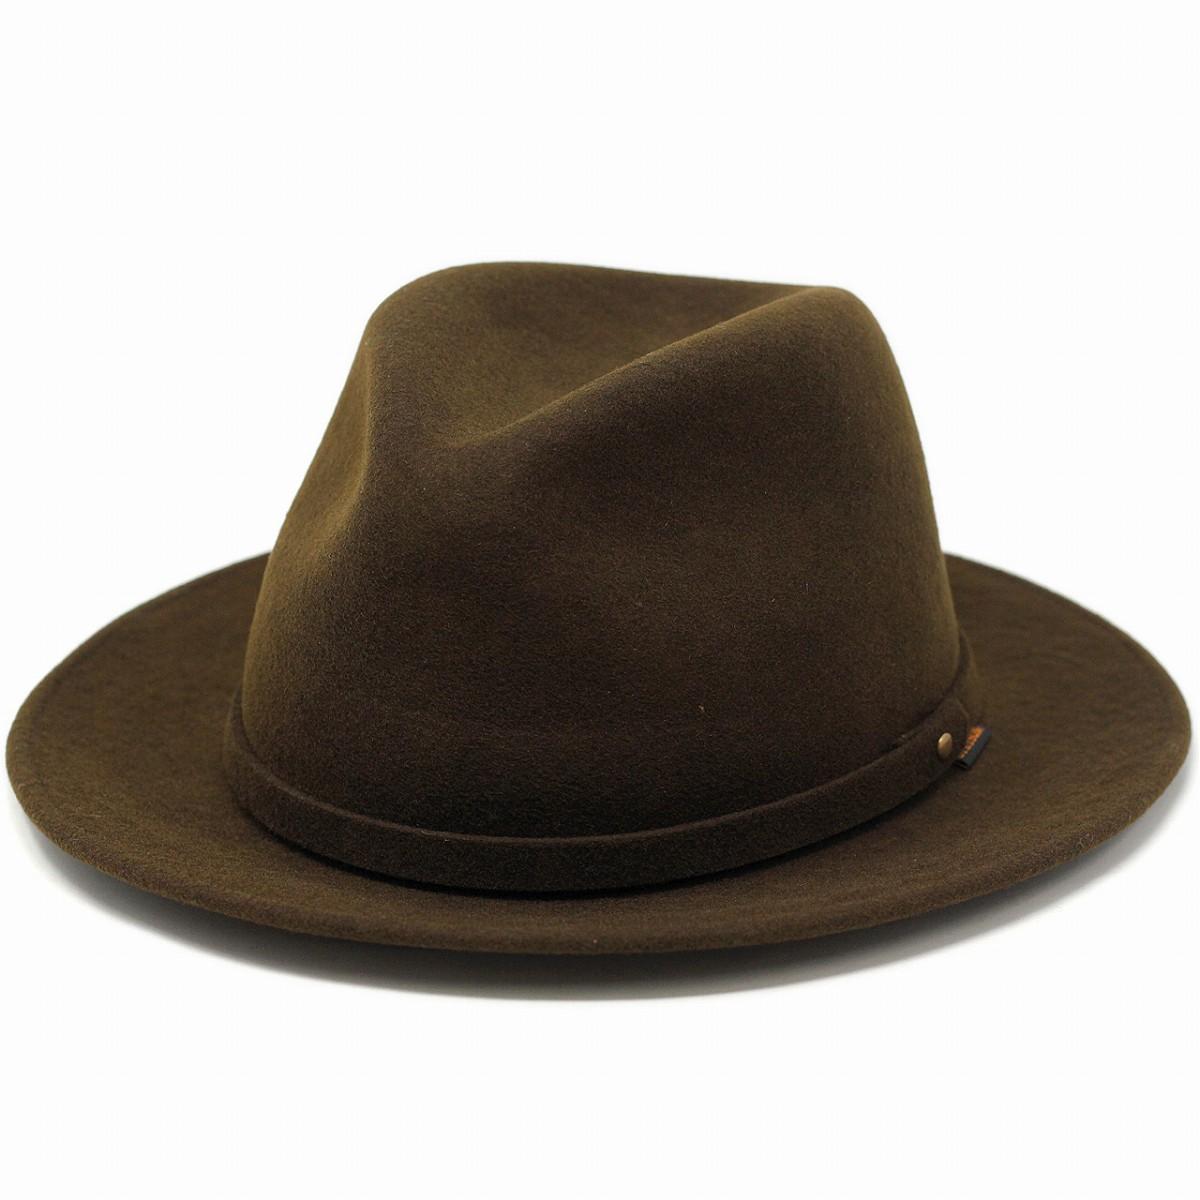 ステットソン 通販 STETSON hat ハット 防水 クラッシャブルウール フェルトハット 日本製 アメリカ ブランド 中折れ帽 茶 ブラウン [ felt hat ] [ fedora hat ]( クリスマス ギフト包装 ラッピング 無料 )